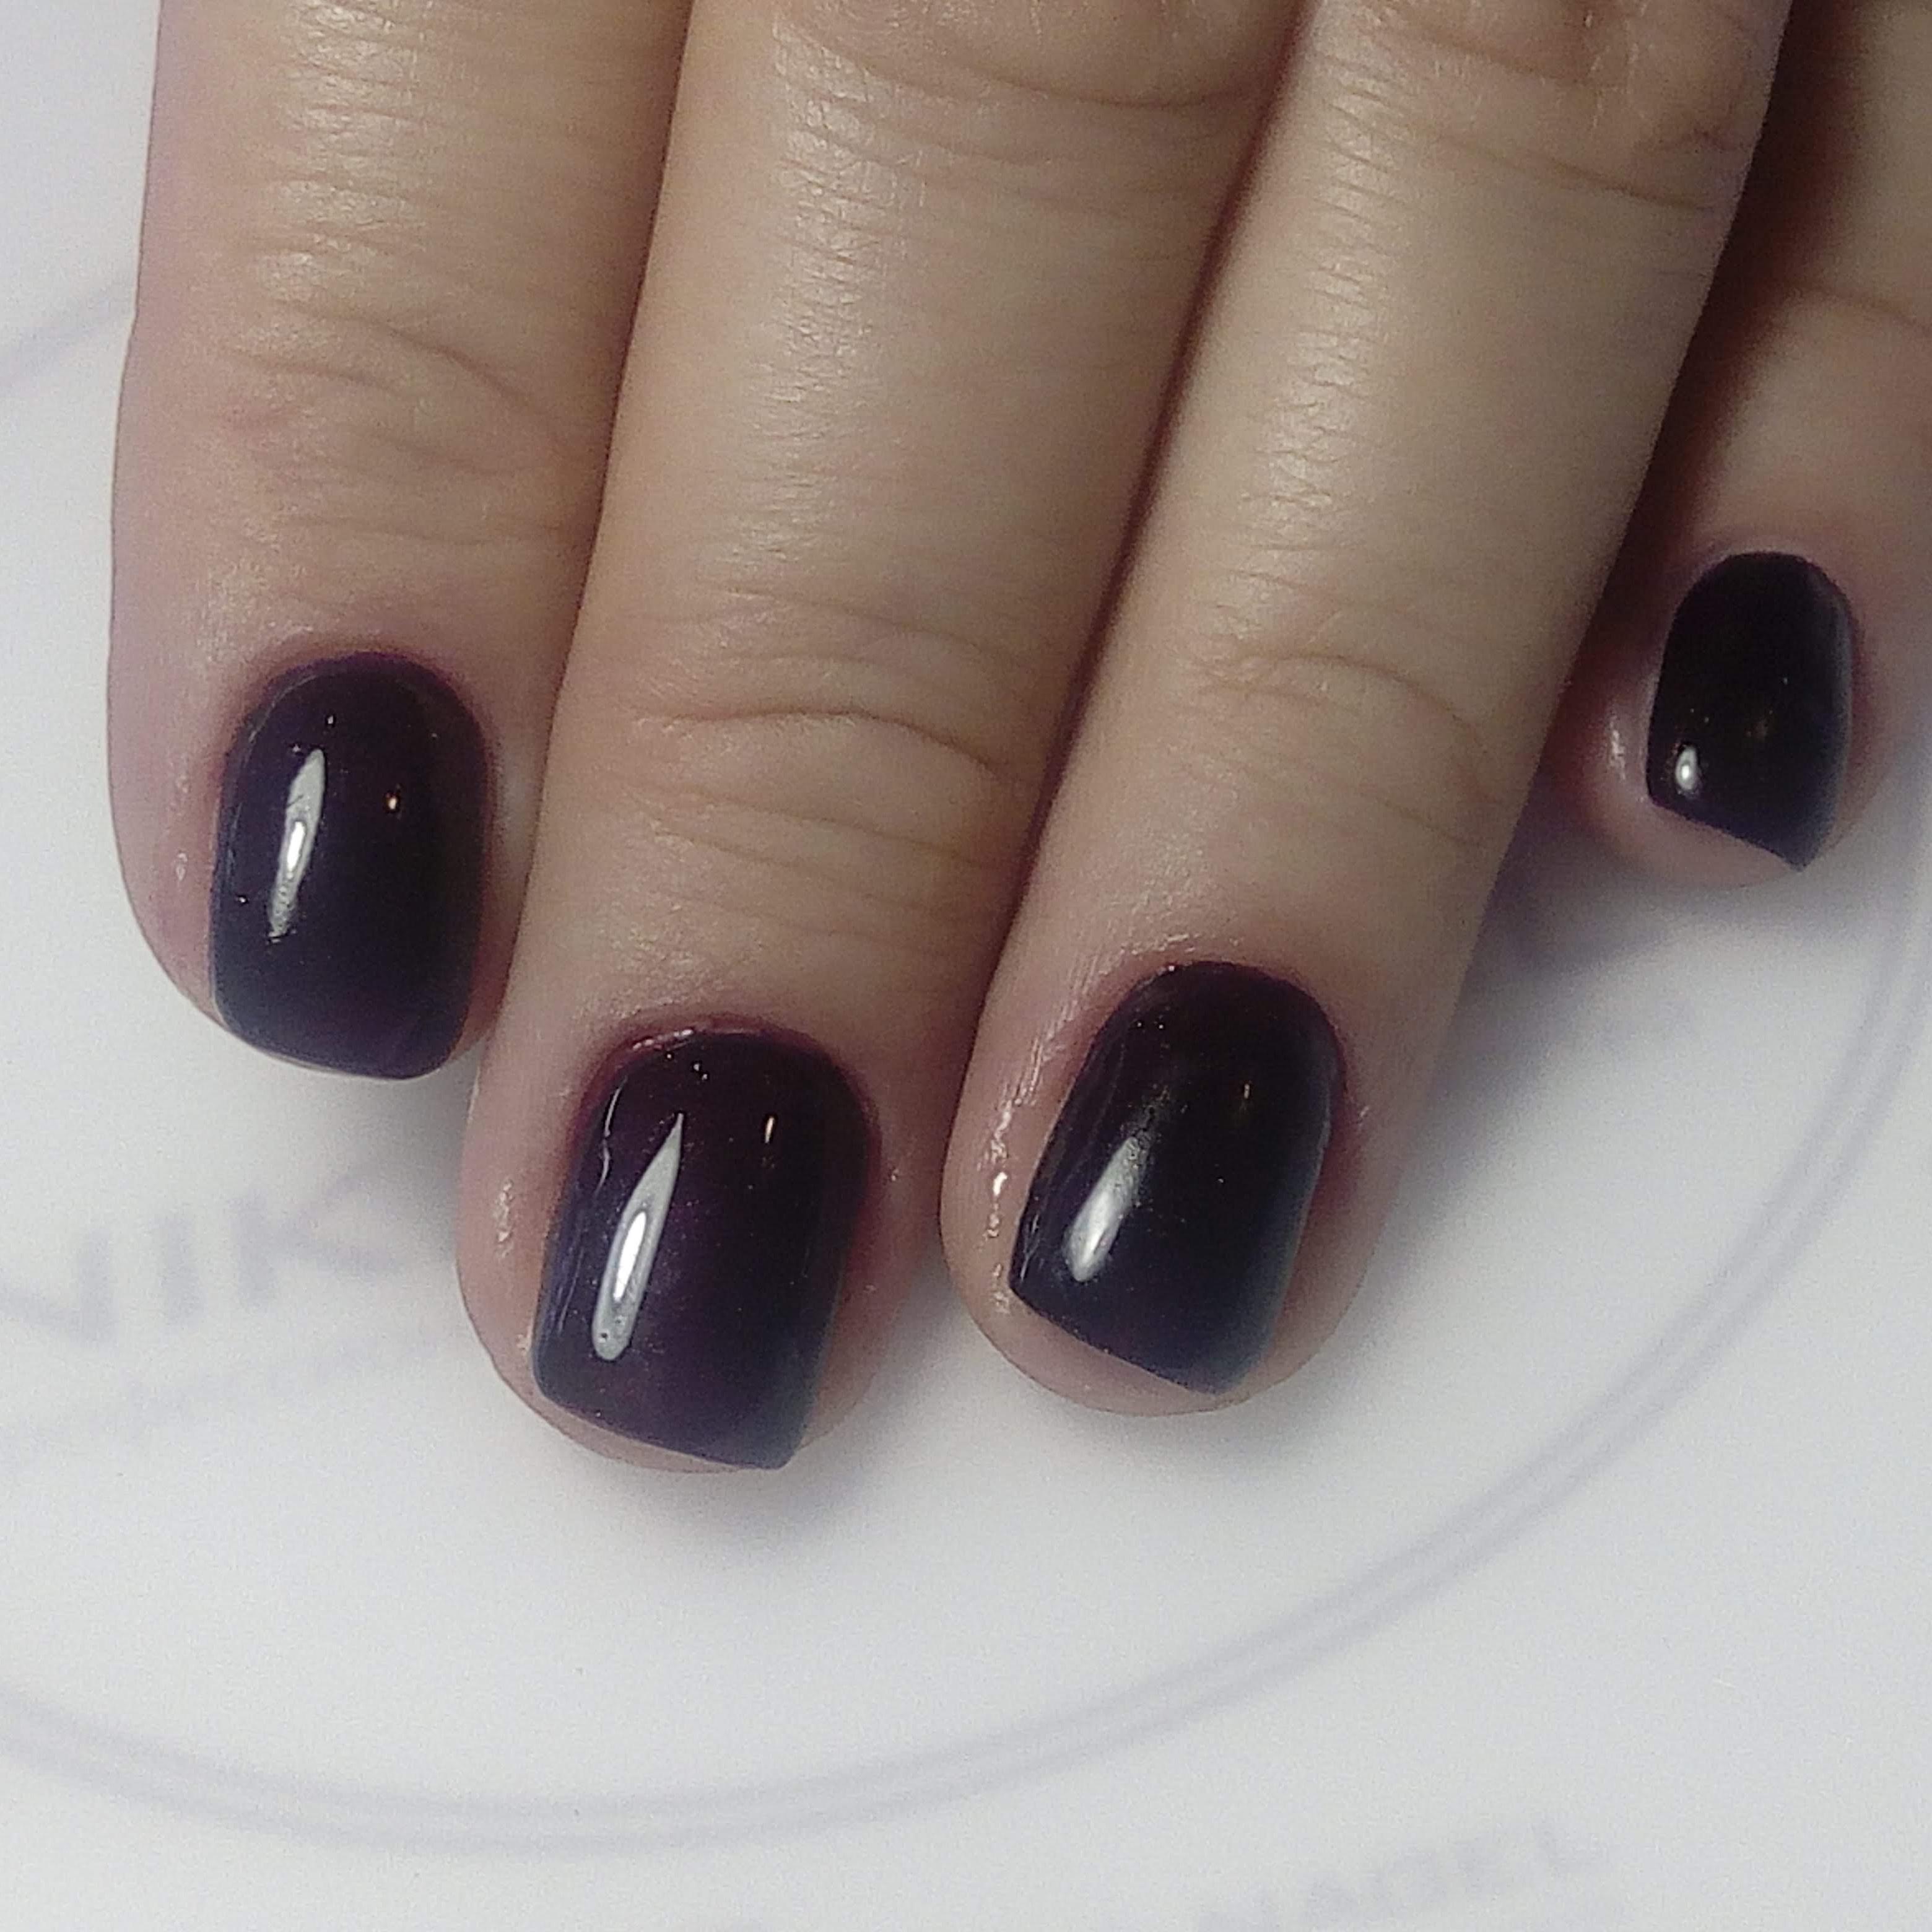 Однотонный глянцевый маникюр в чёрном цвете на коротких ногтях.